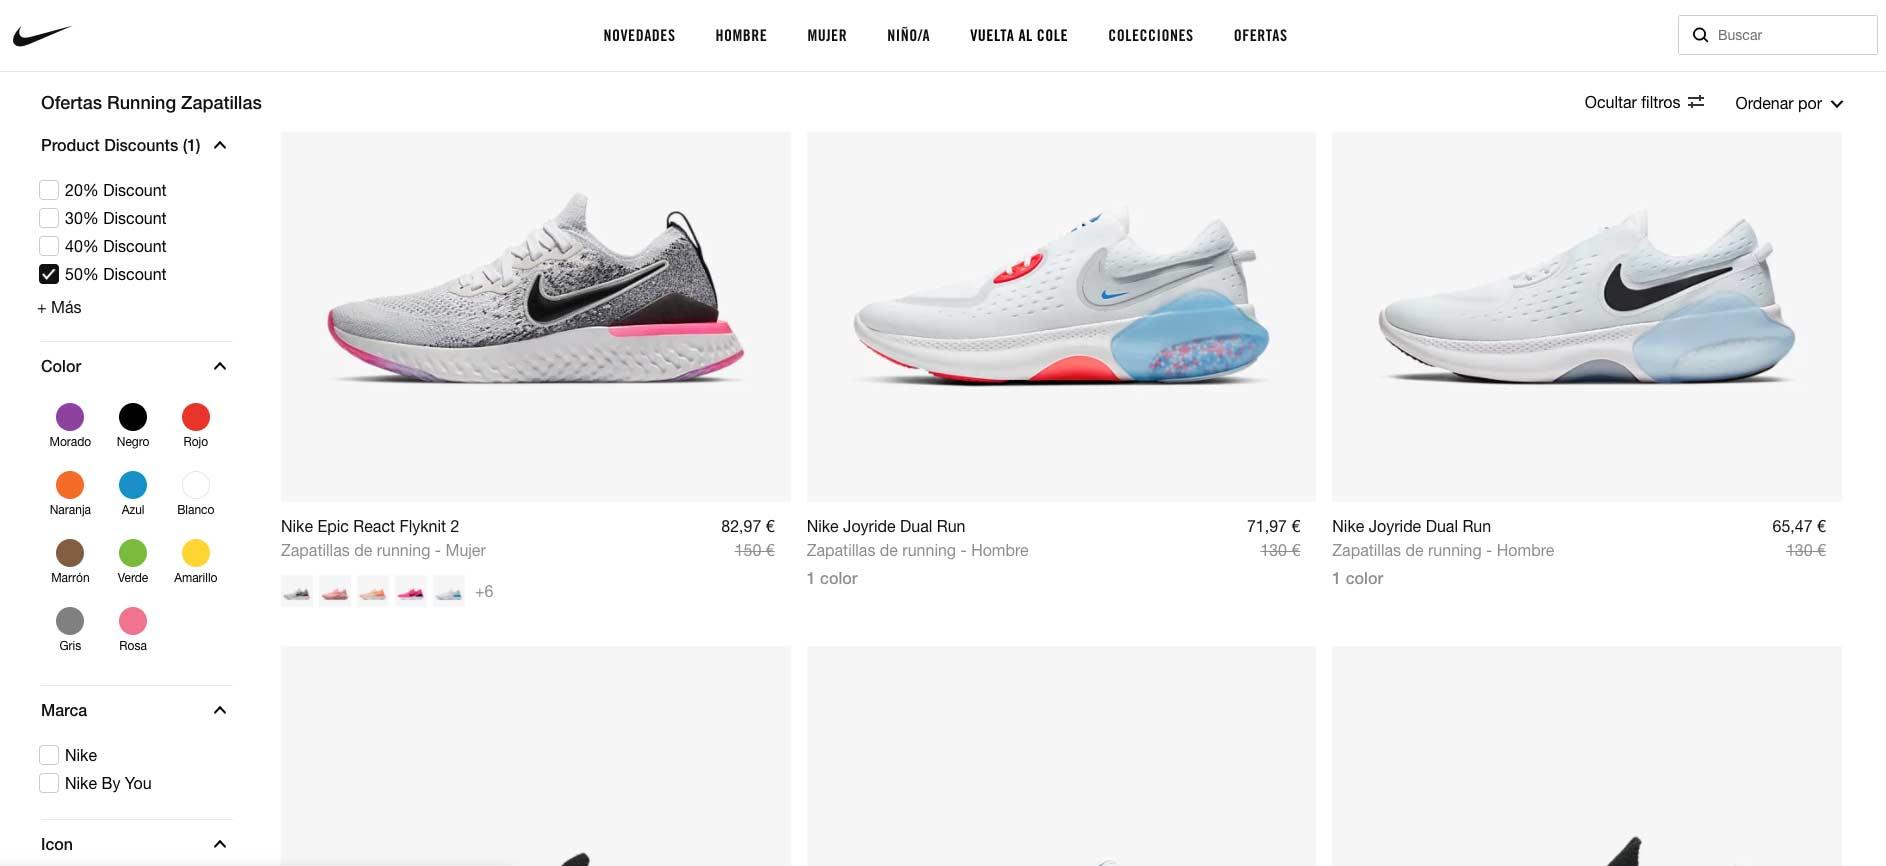 dramático Goma de dinero A pie  Promoción especial zapatillas Nike. Hasta 50% de descuento - Correr una  Maratón - Review de Garmin, Polar, Suunto, Fitbit...